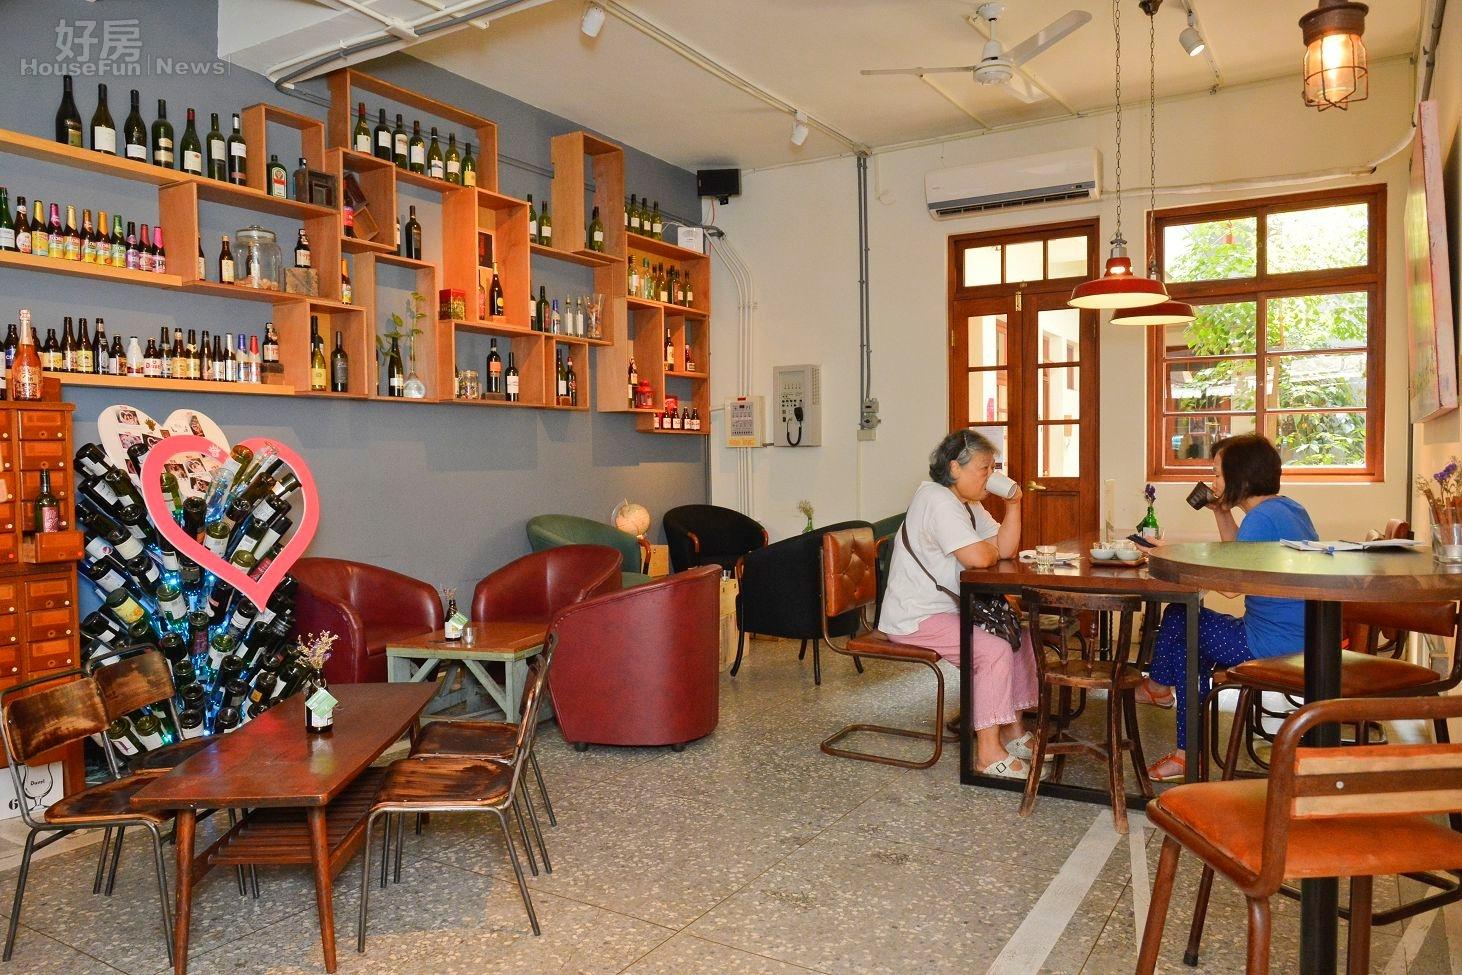 百年老房改造咖啡廳/60萬裝潢創造歐美新時尚/洛咖啡 Le Zinc。(好房網News記者 陳韋帆/攝影)